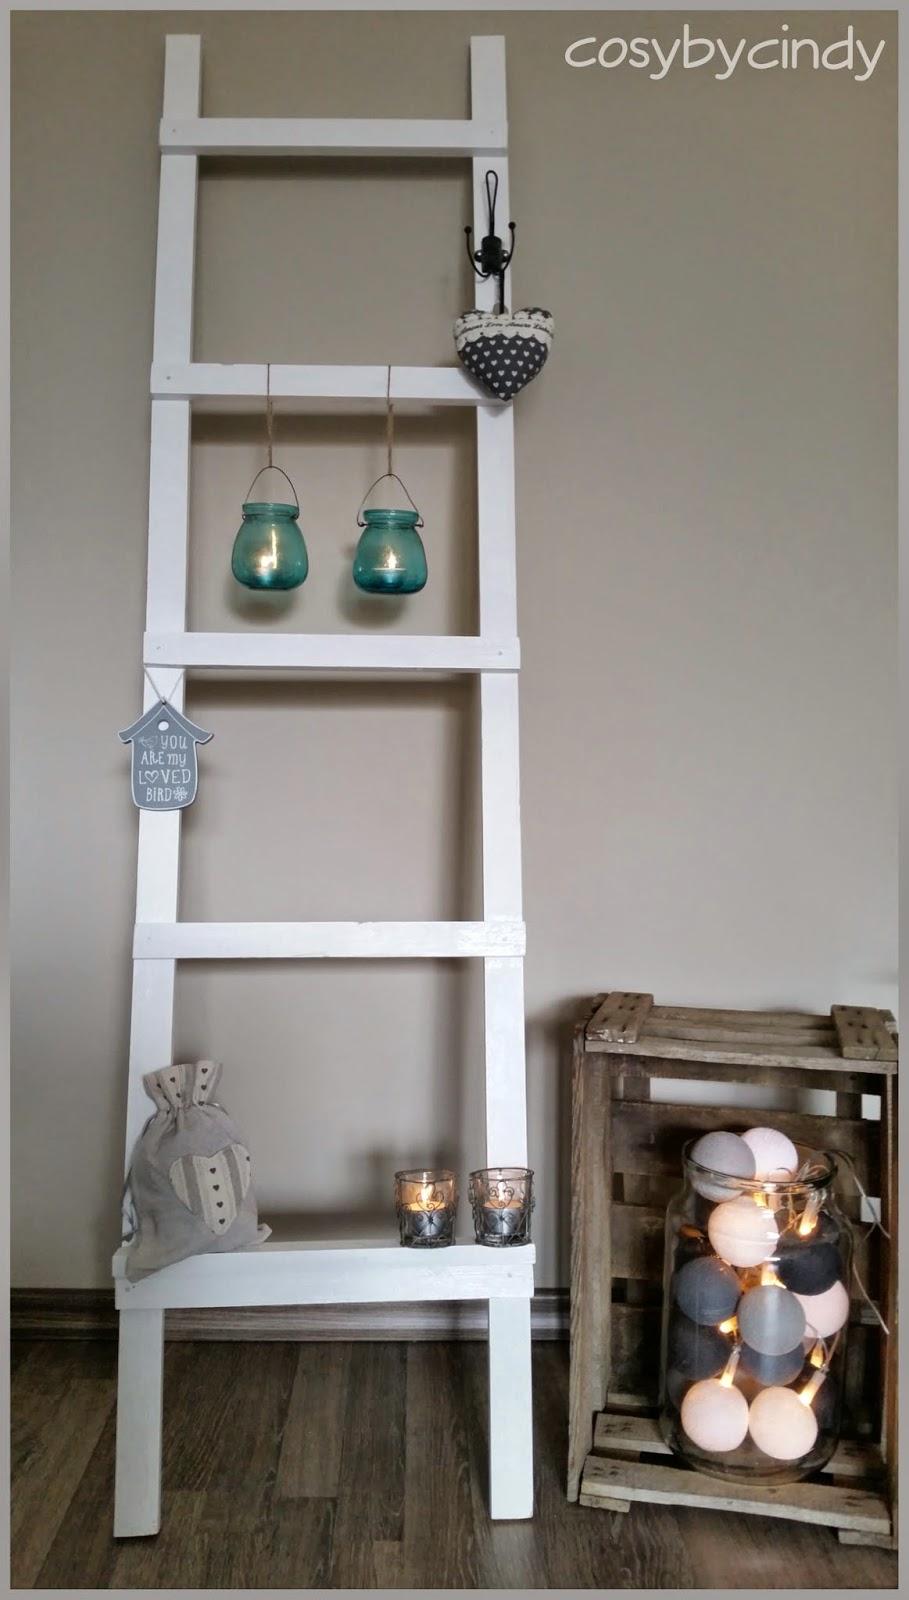 Cosy by cindy altijd iets leuks te vinden zelf een decoratie lijst maken - Decoratie van een gang ...